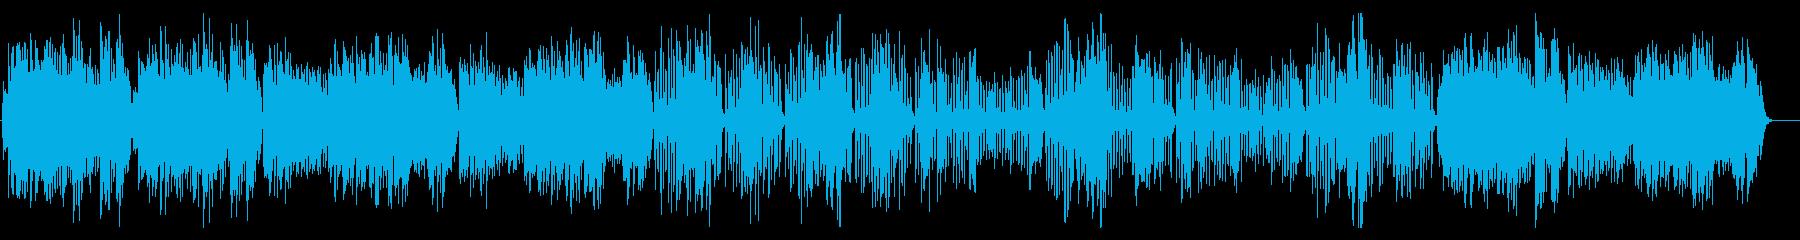 ボッケリーニ/メヌエット/ヴァイオリンの再生済みの波形